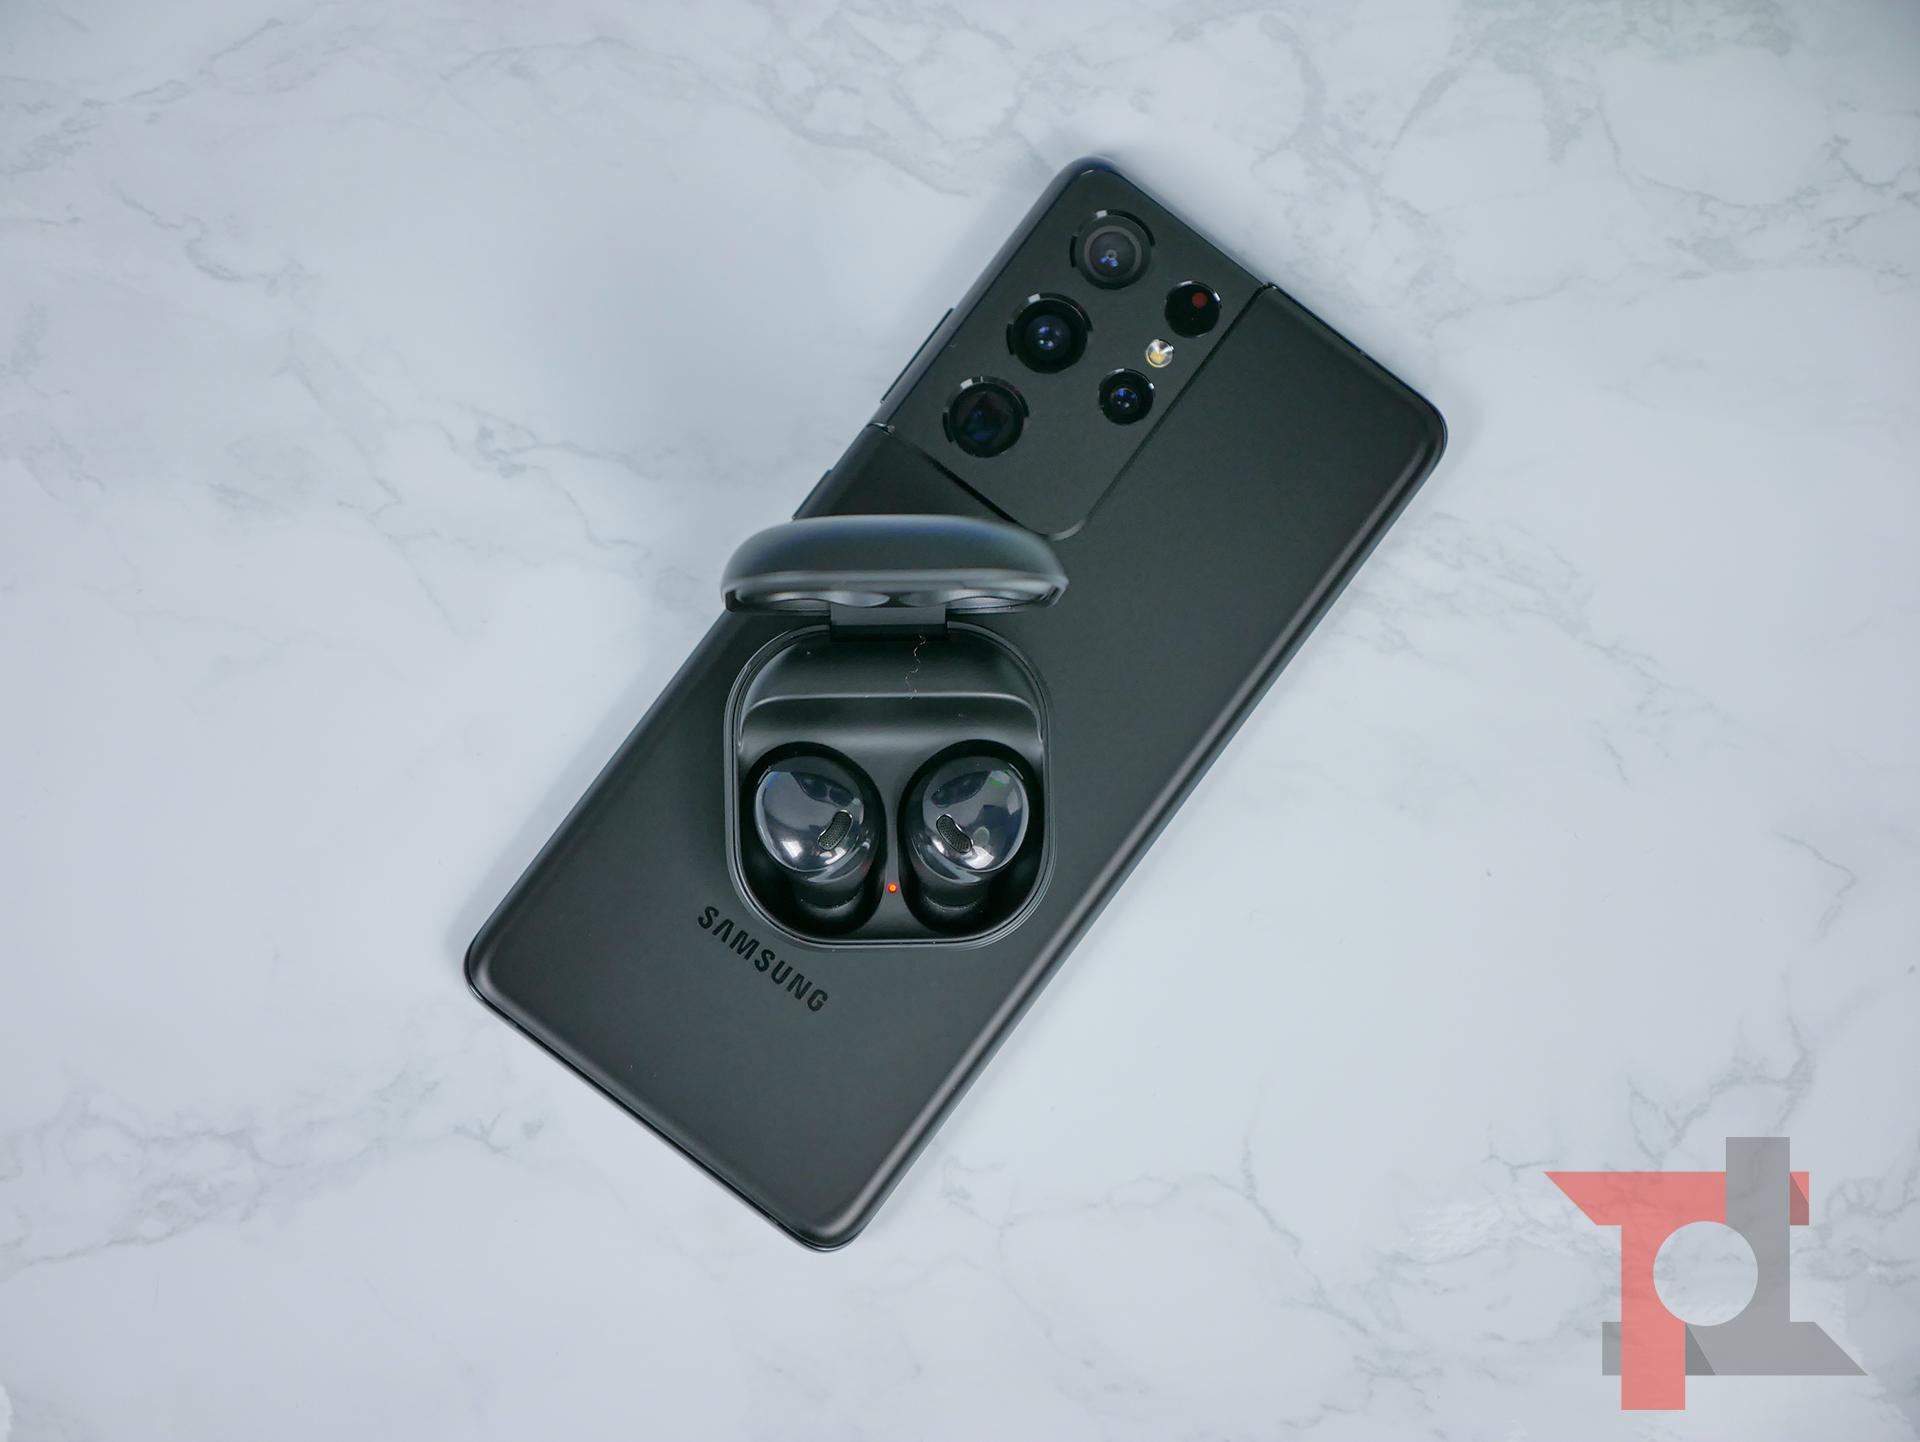 Recensione Samsung Galaxy Buds Pro: tanta qualità e funzioni Super Smart 6